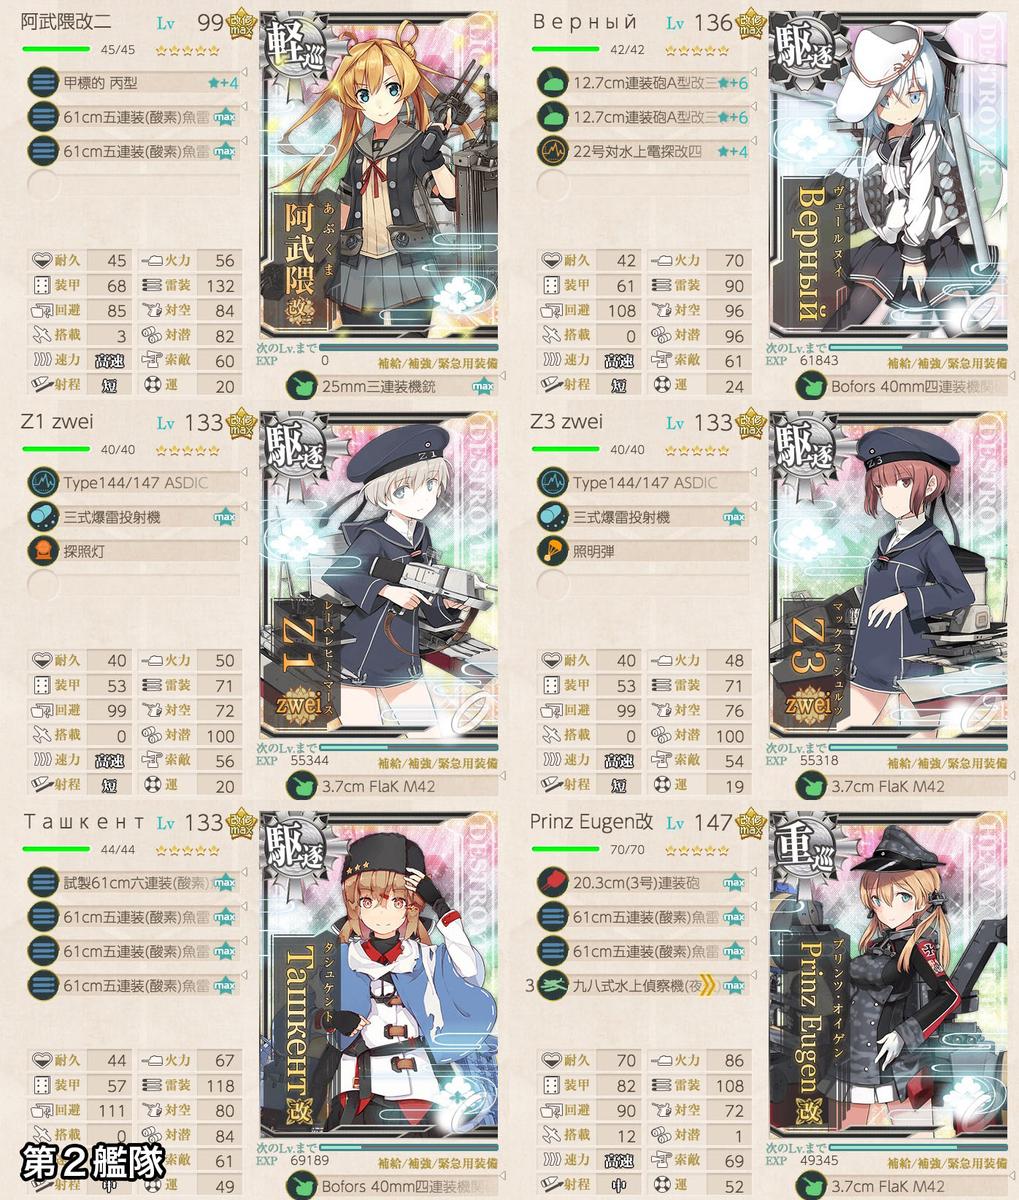 f:id:nameless_admiral:20201210163949j:plain